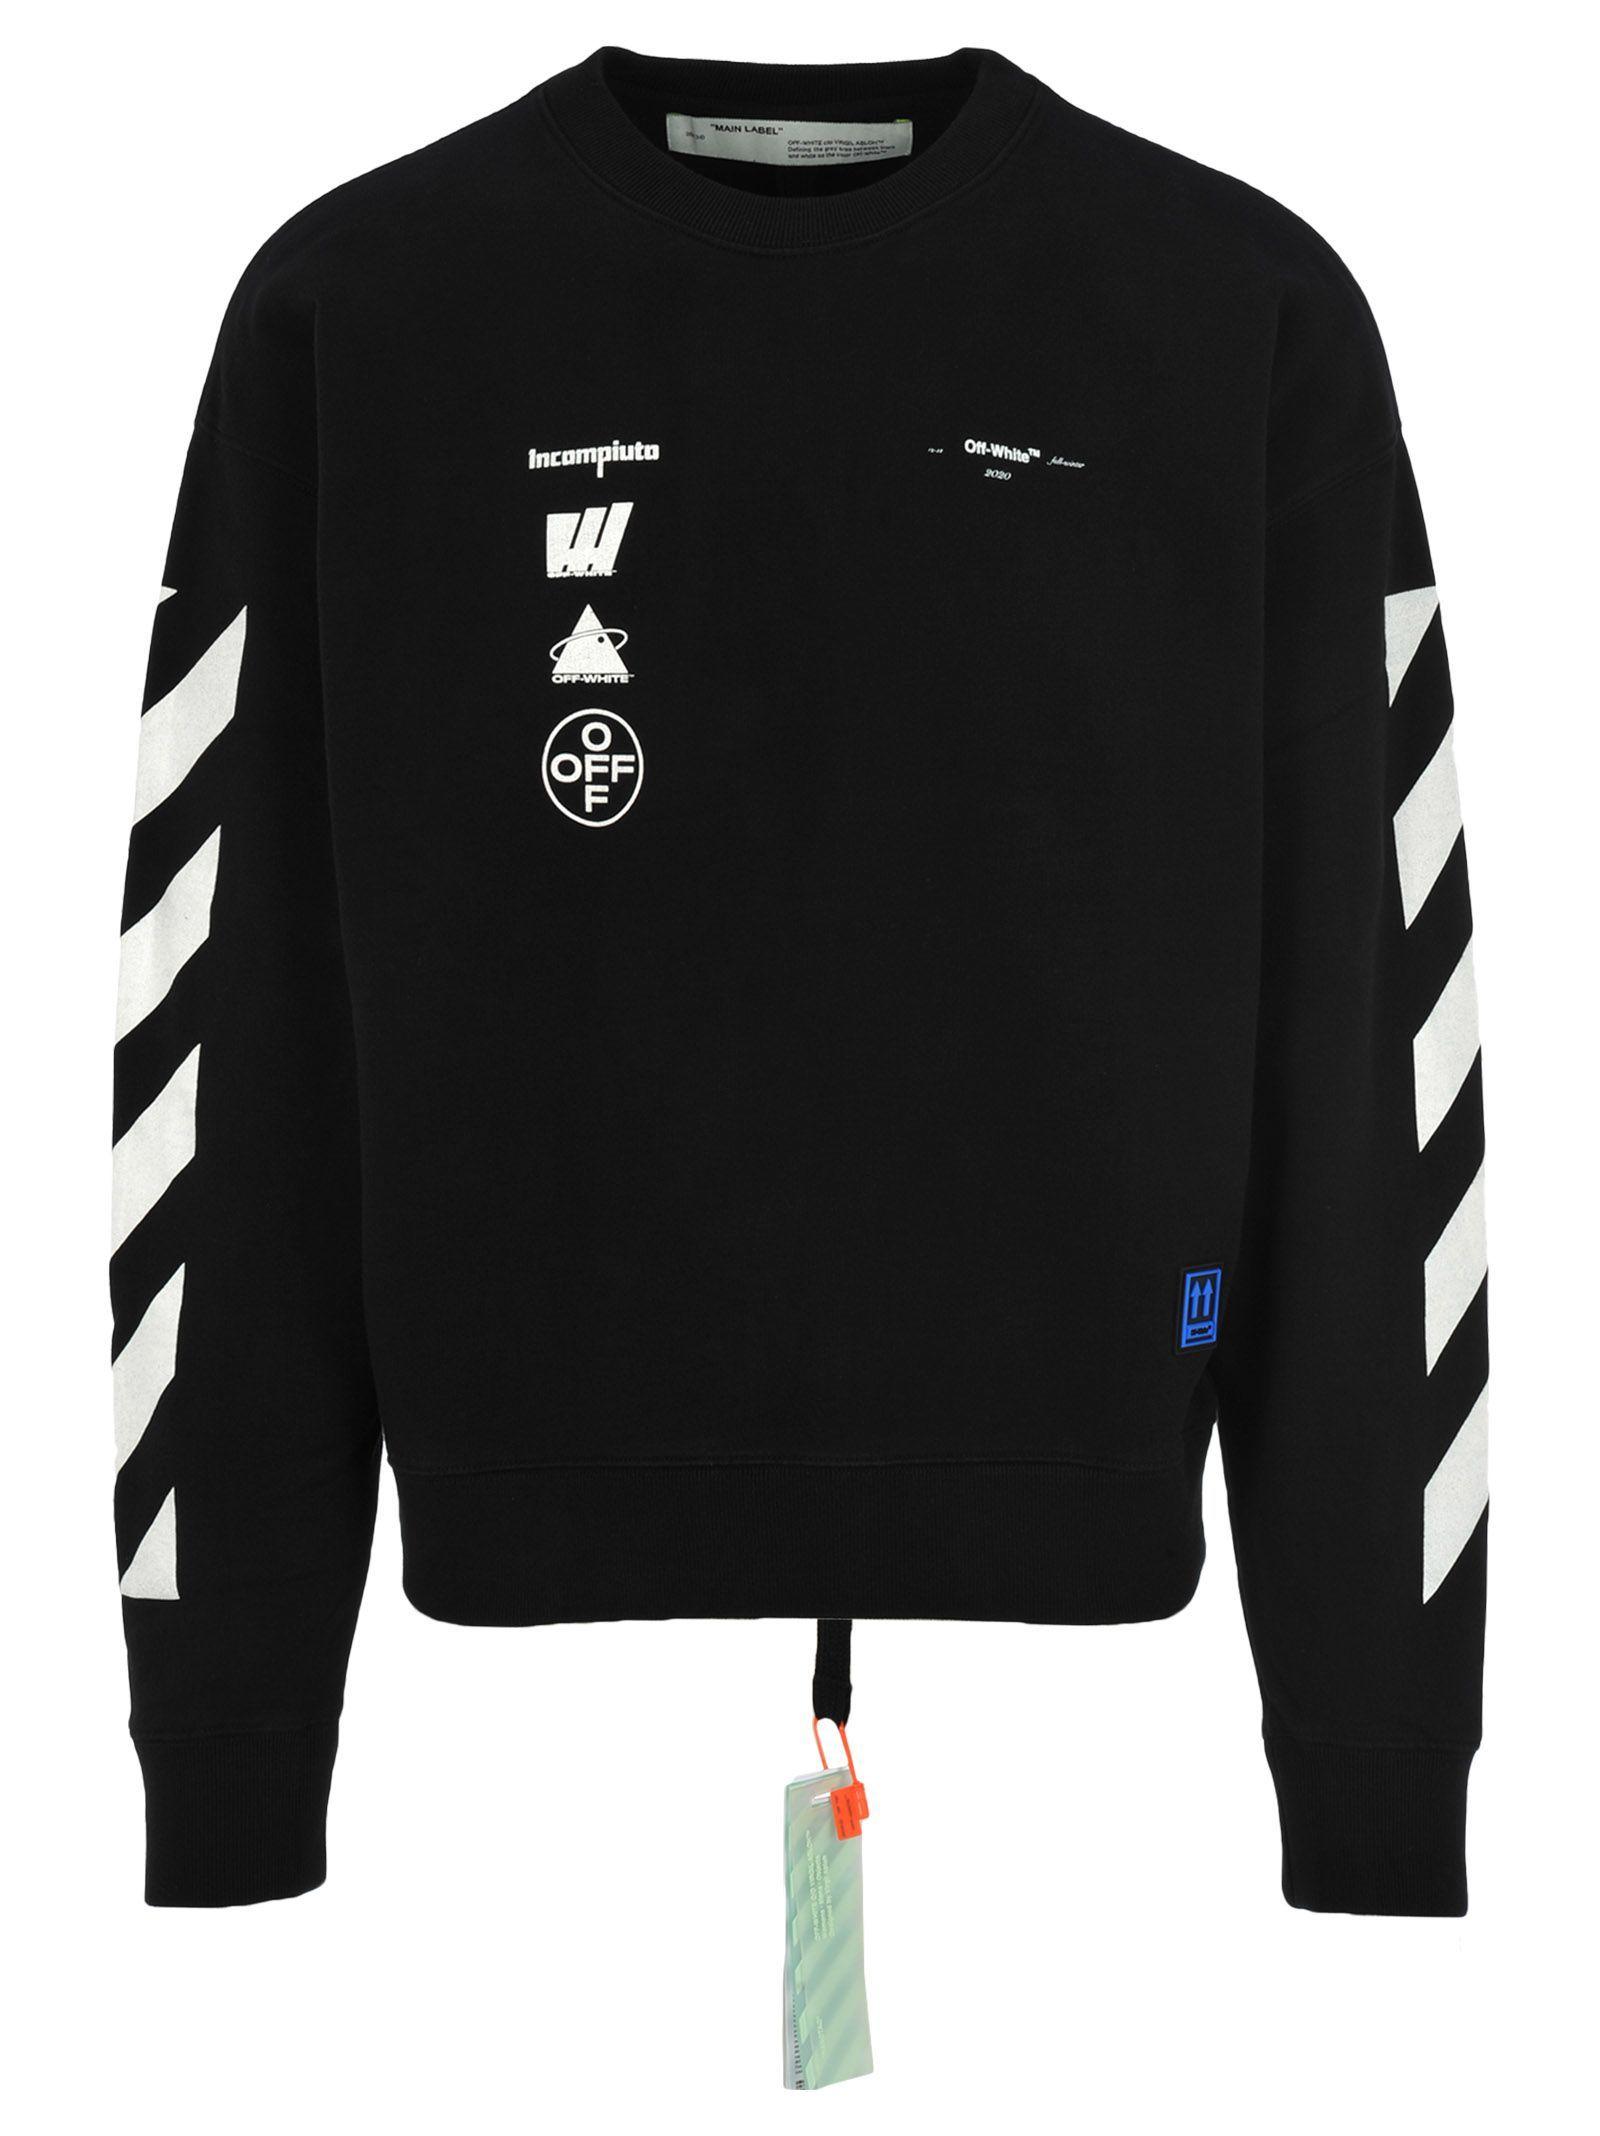 Off White Off White Mariana De Silva Print Sweatshirt Off White Cloth Off White Clothing Black Outfit Men Leather Jacket Men Style [ 2136 x 1600 Pixel ]